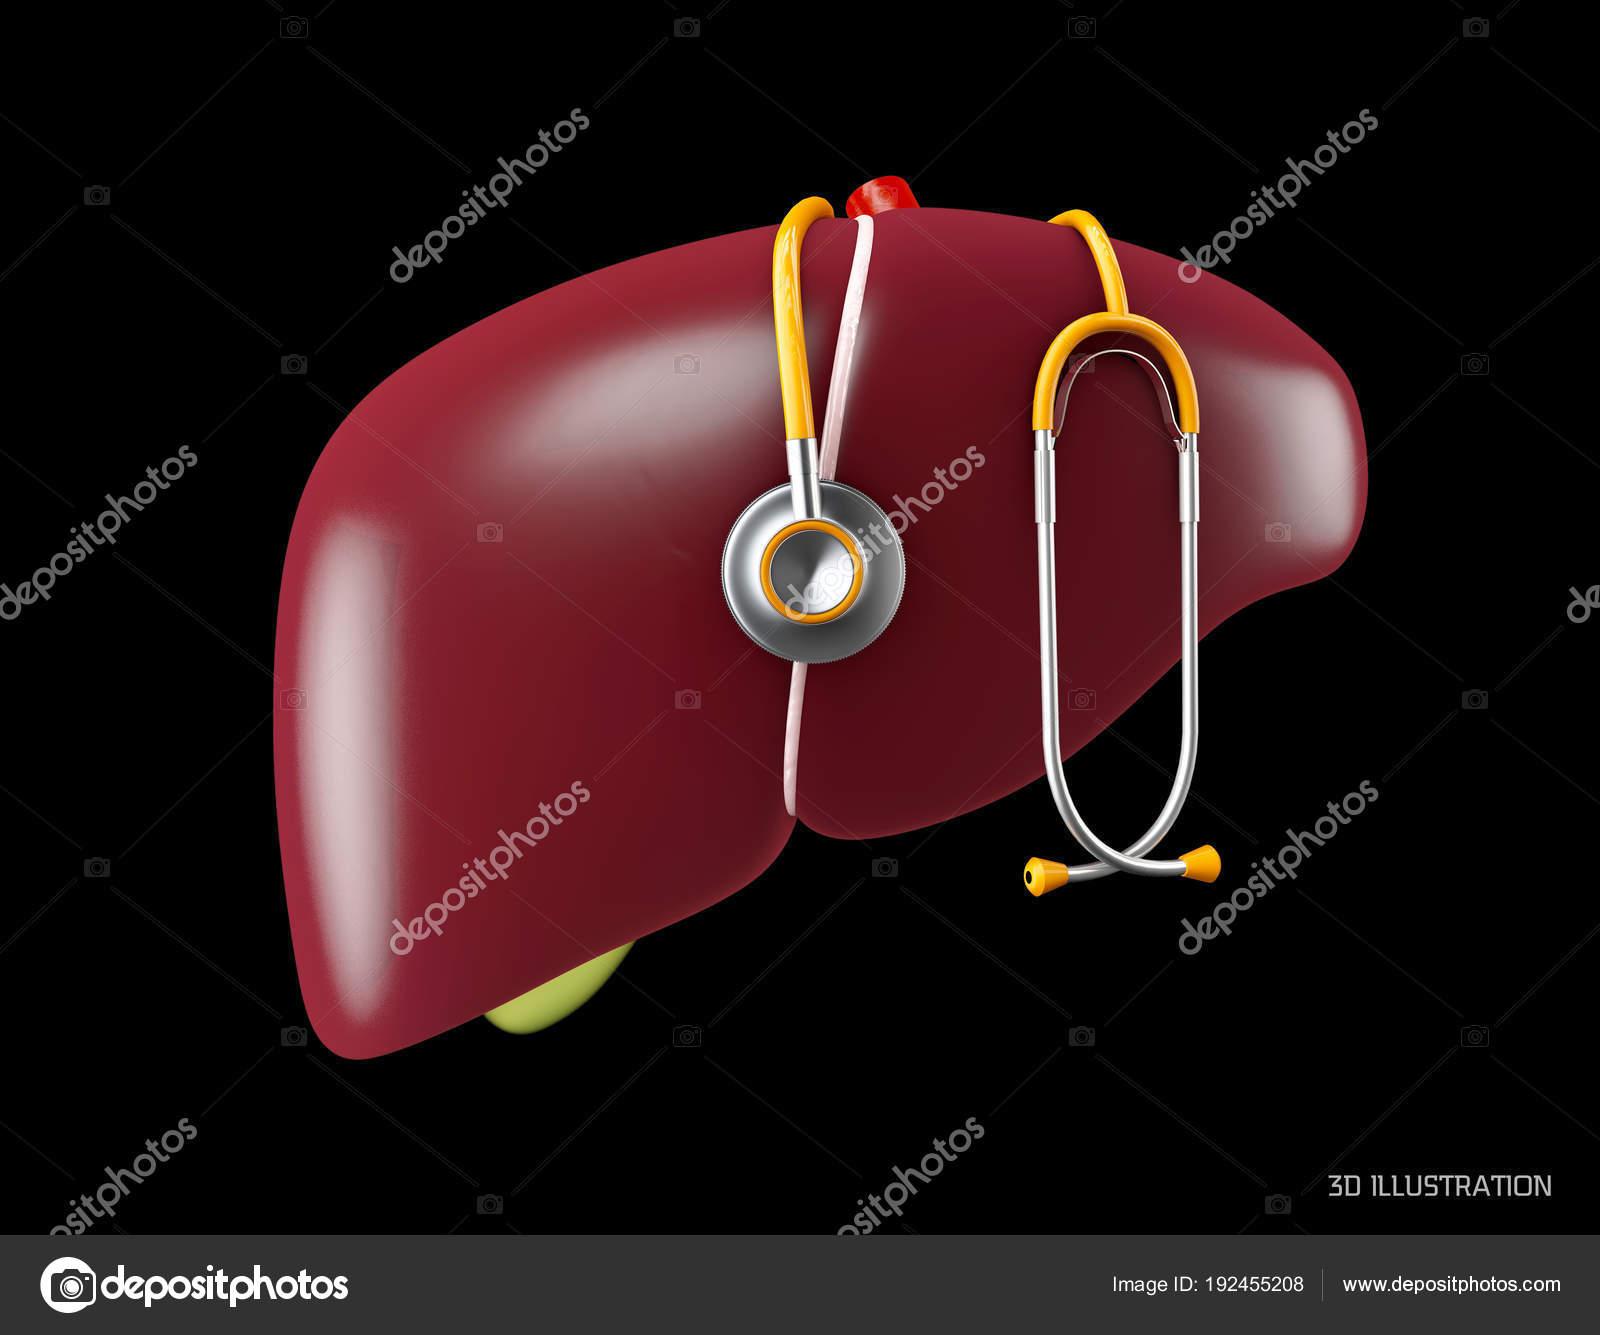 Anatomie Leber. Menschliche Organe symbol.3d abbildung isoliert auf ...